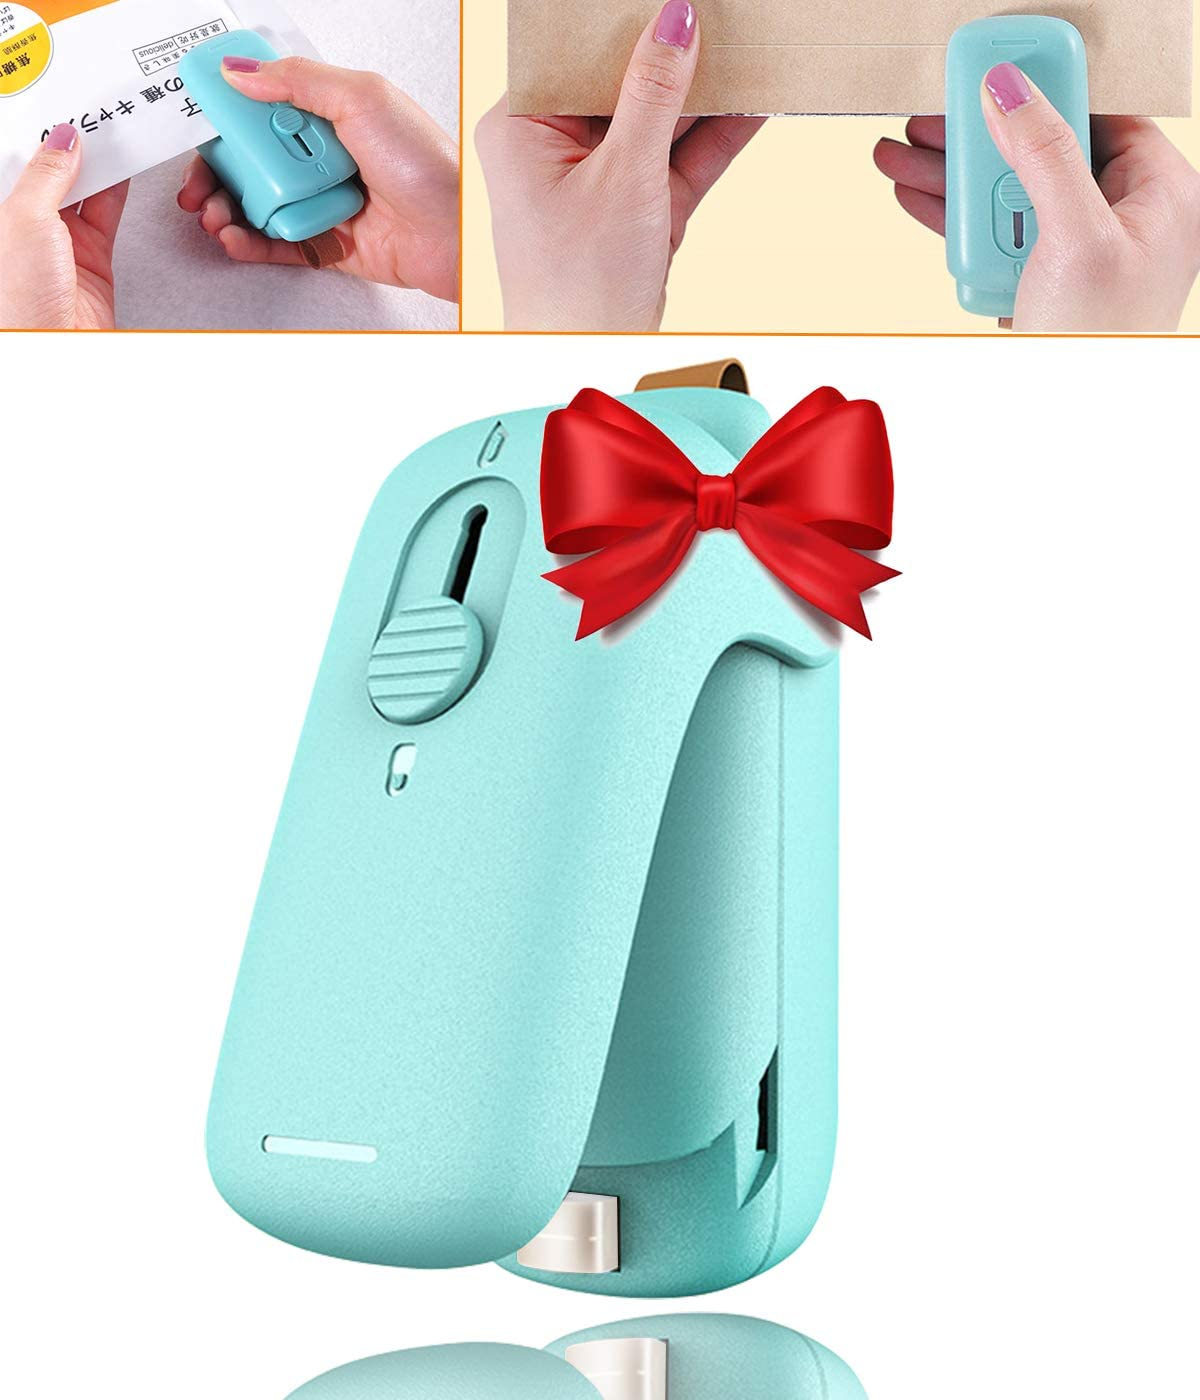 Bag Sealer, 2 in 1 Handheld Heat Plastic Bag Sealer and Cutter Resealer Mini Portable Sealer, Handheld Heat Vacuum Sealers for Plastic Bags Food Storage and Resealing Snack Bags